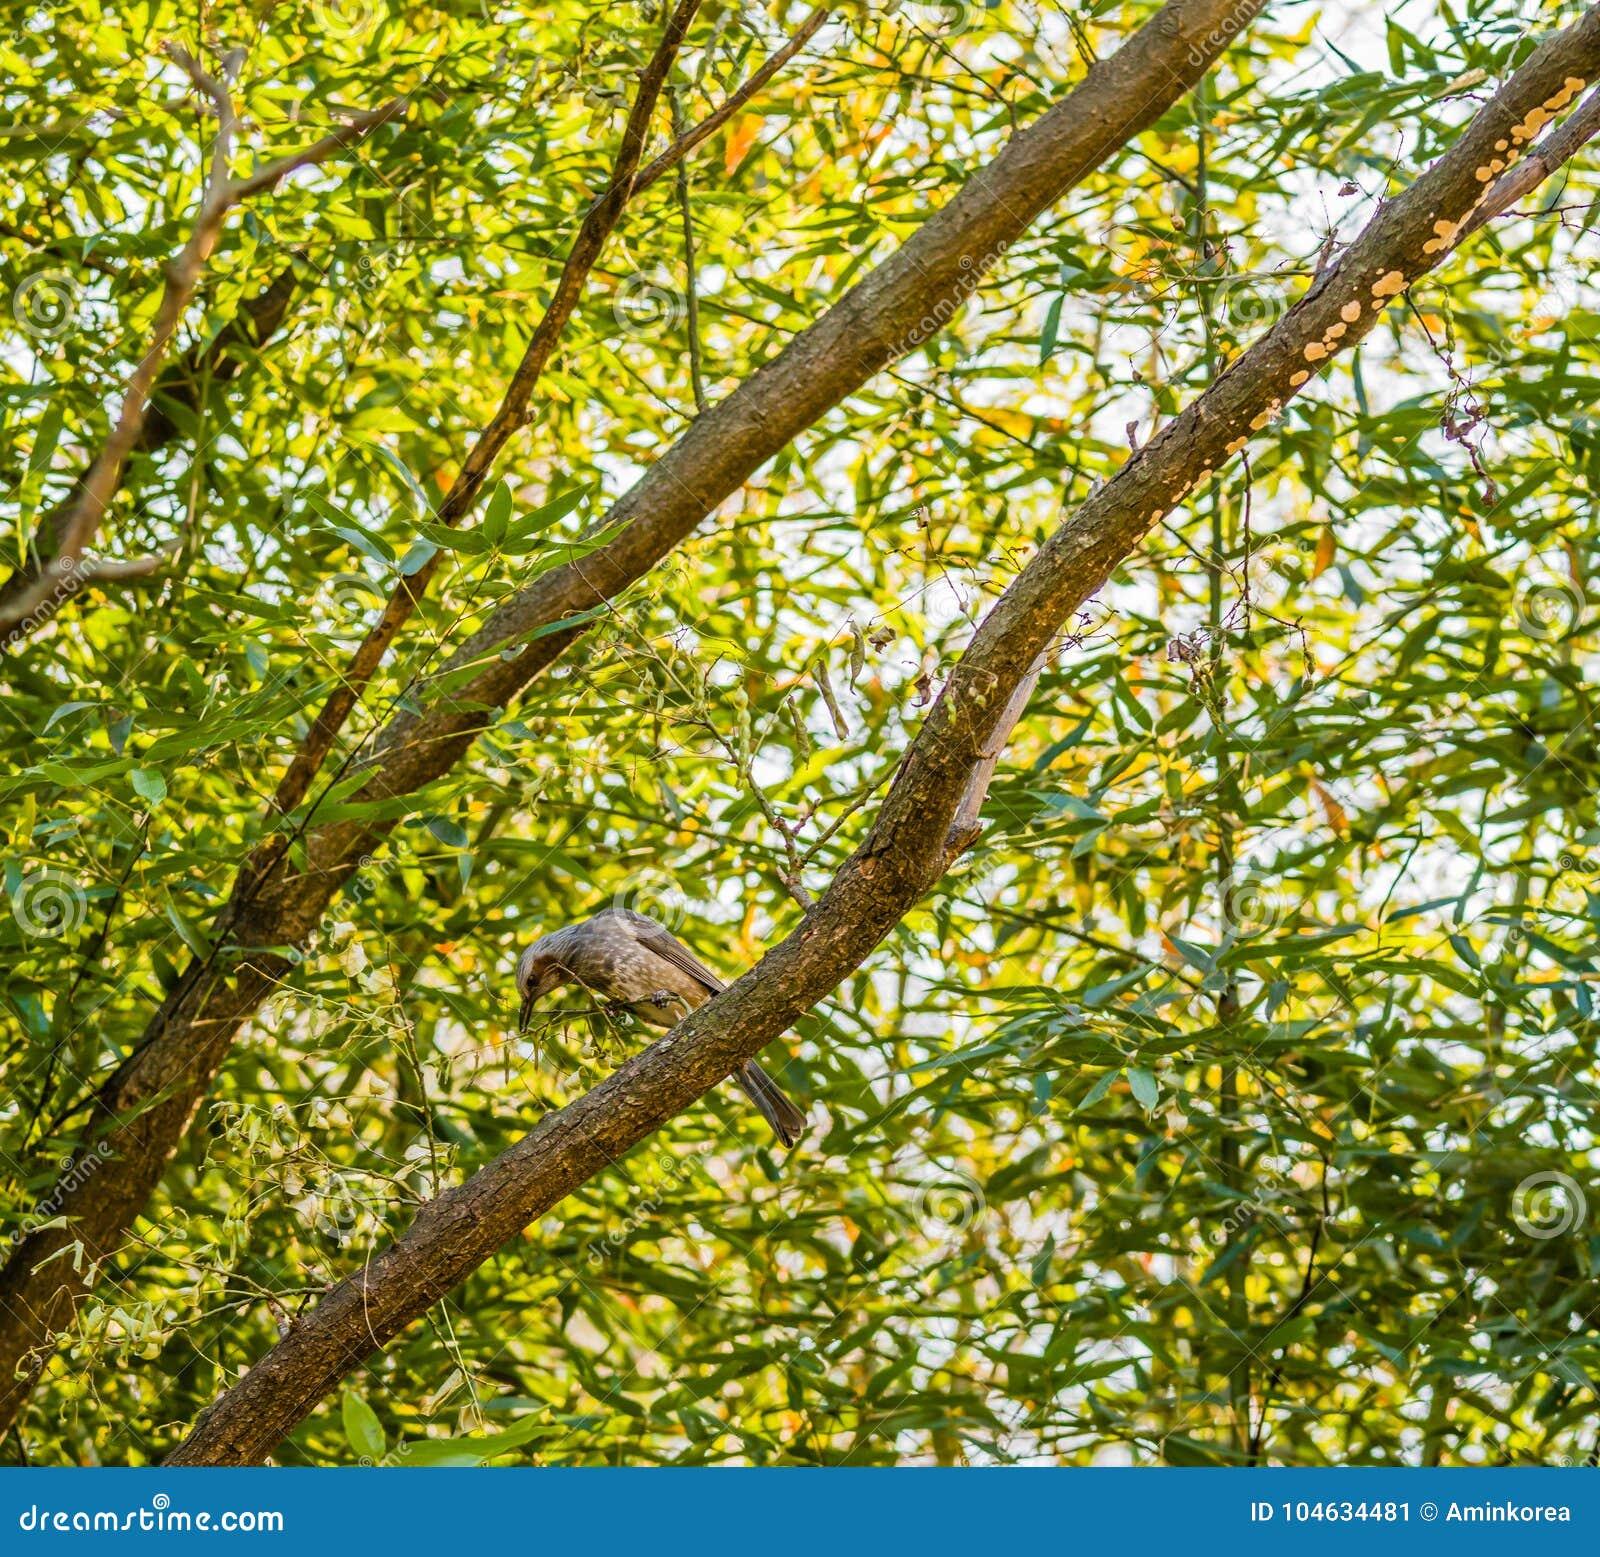 Download Bruin-eared Bulbul Neergestreken Op Een Boomtak Stock Afbeelding - Afbeelding bestaande uit fauna, naughty: 104634481